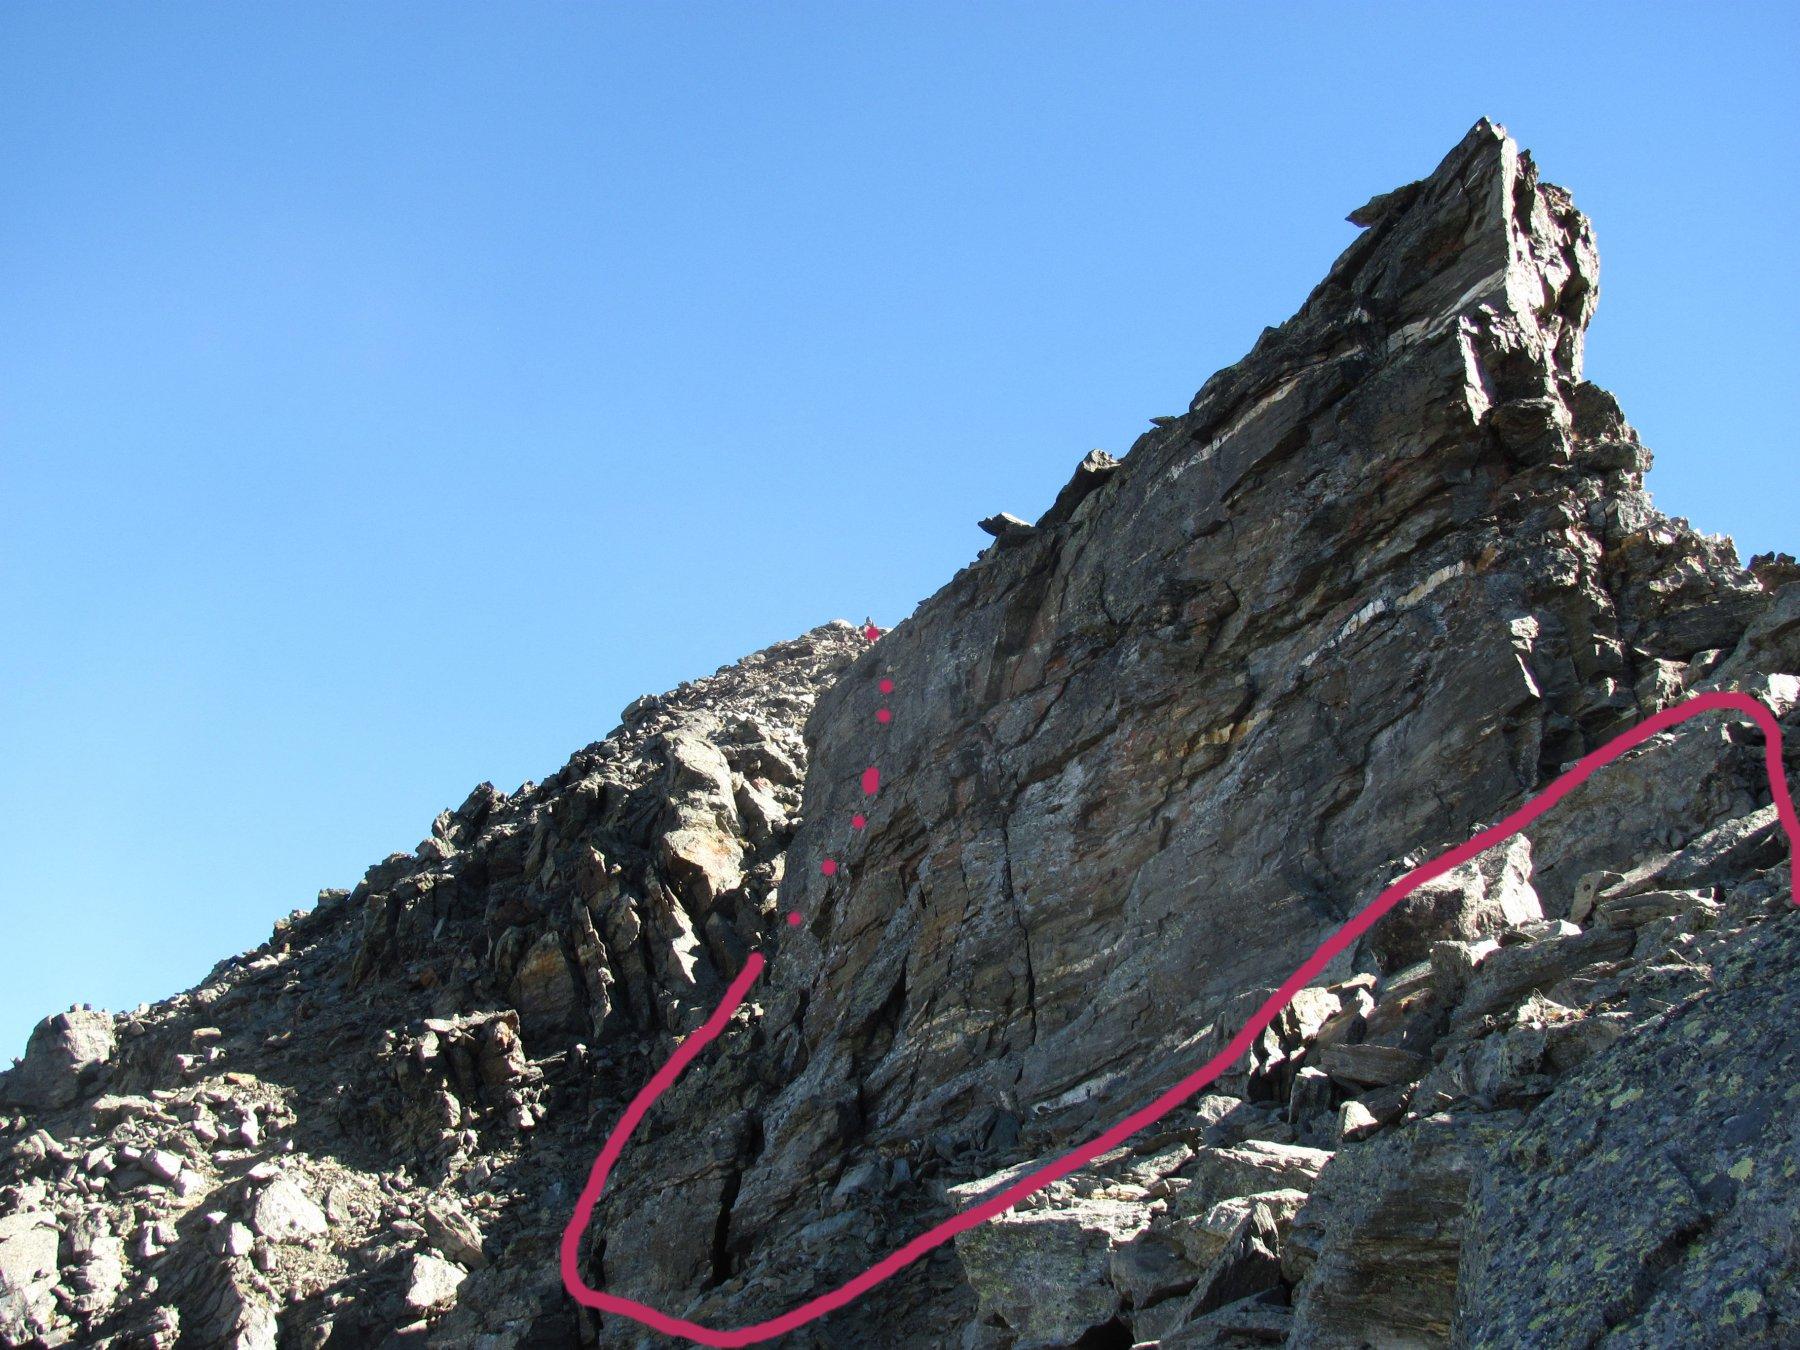 arrivati al Colle e risalendo verso est, questa è la traccia indicativa di salita (include breve discesa su cengia)